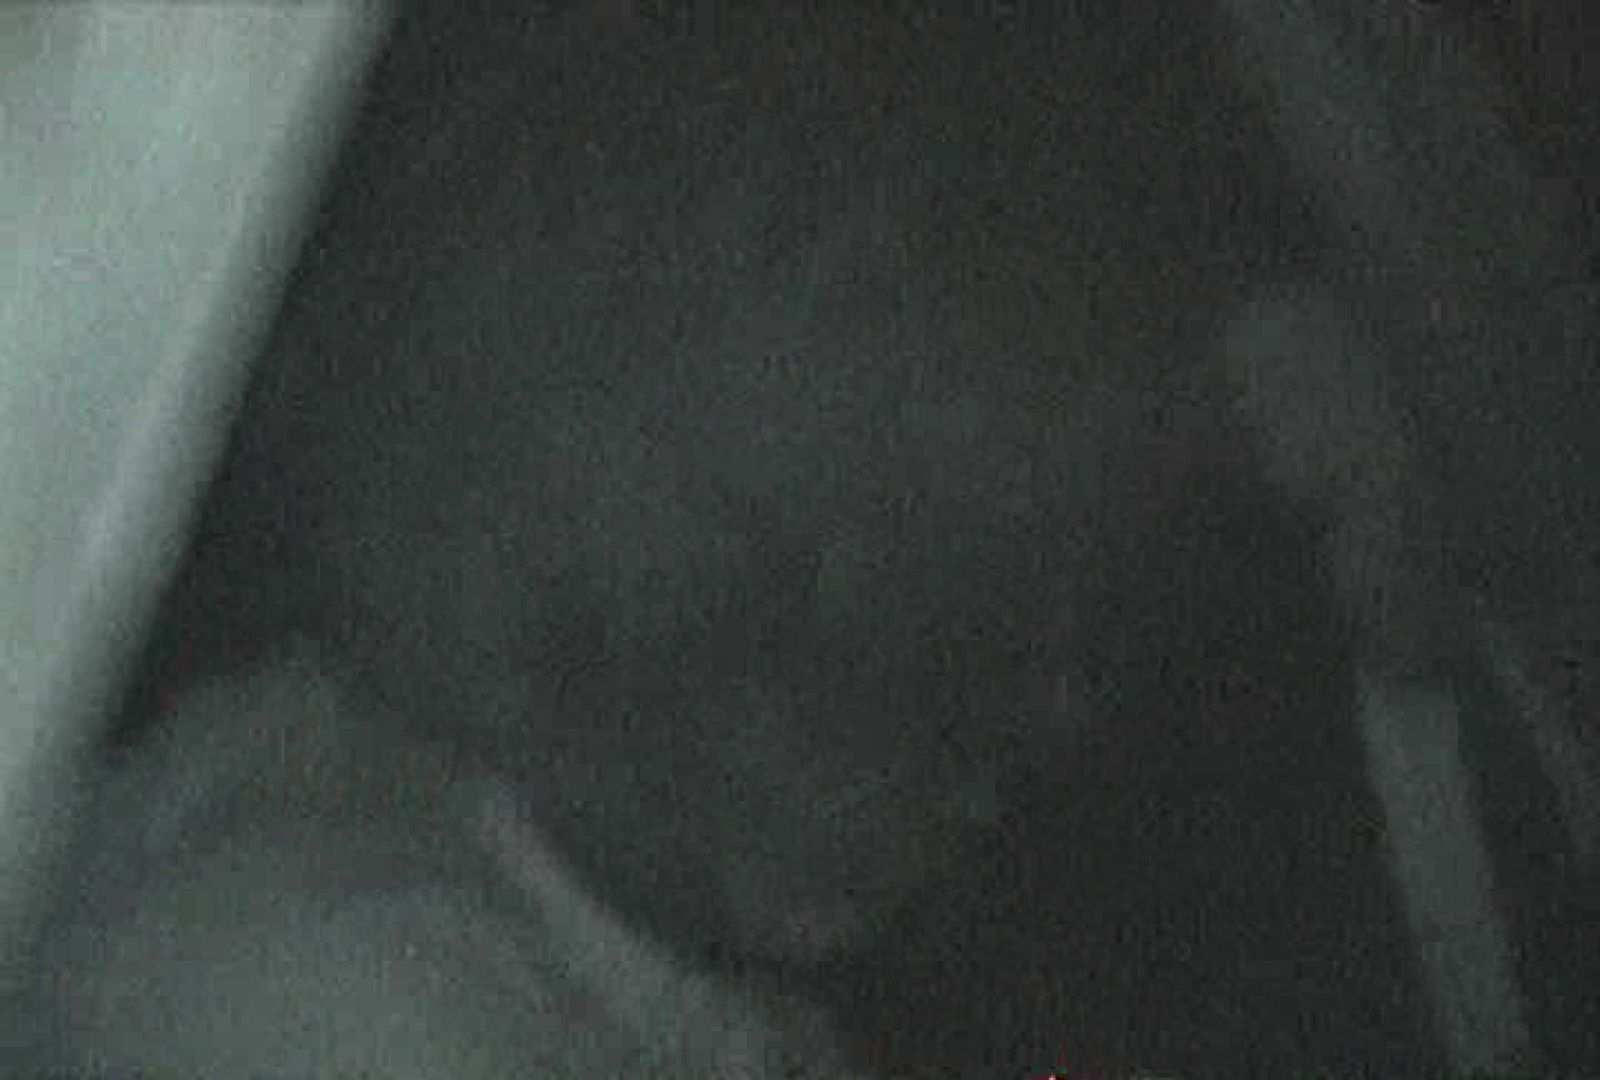 充血監督の深夜の運動会Vol.90 パンツ おめこ無修正動画無料 55連発 39